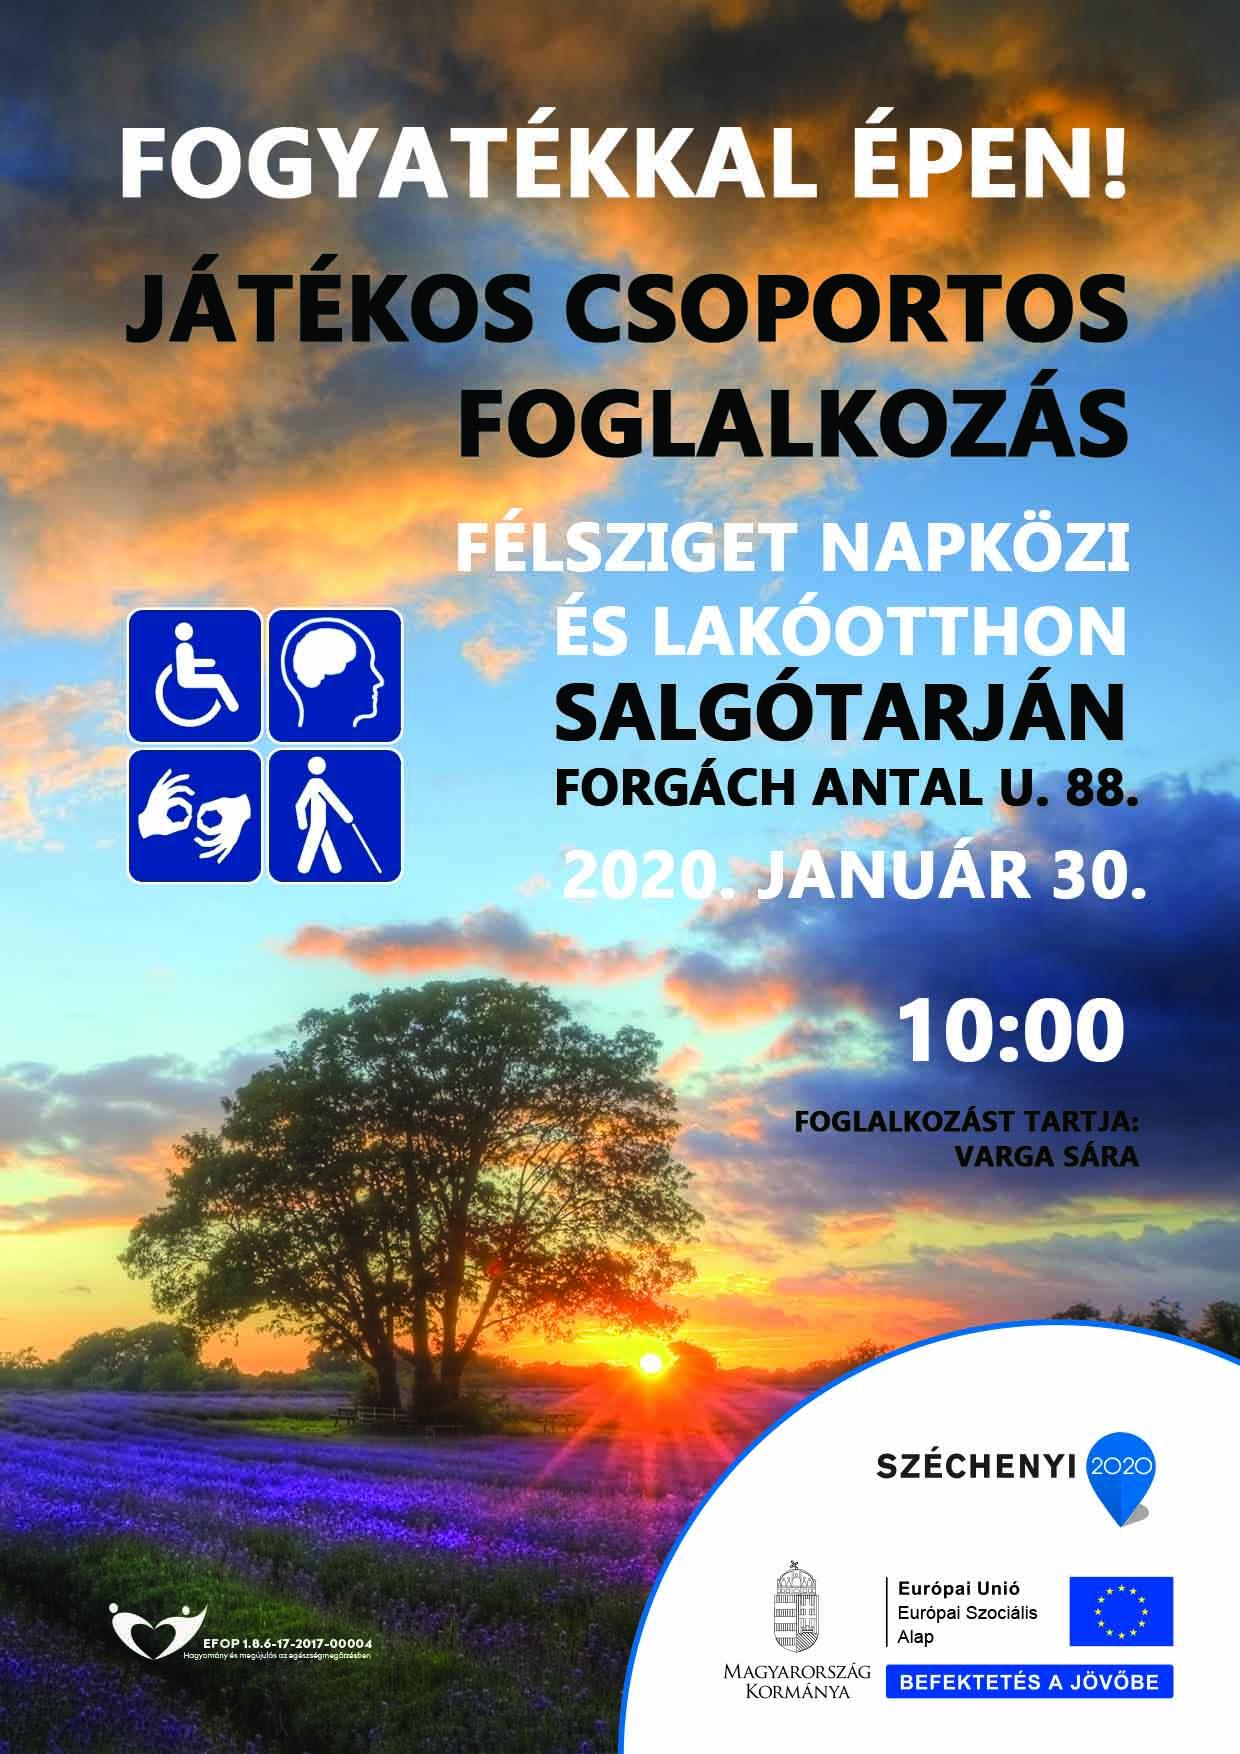 Salgótarján – Fogyatékkal épen! – 2020. január 30.